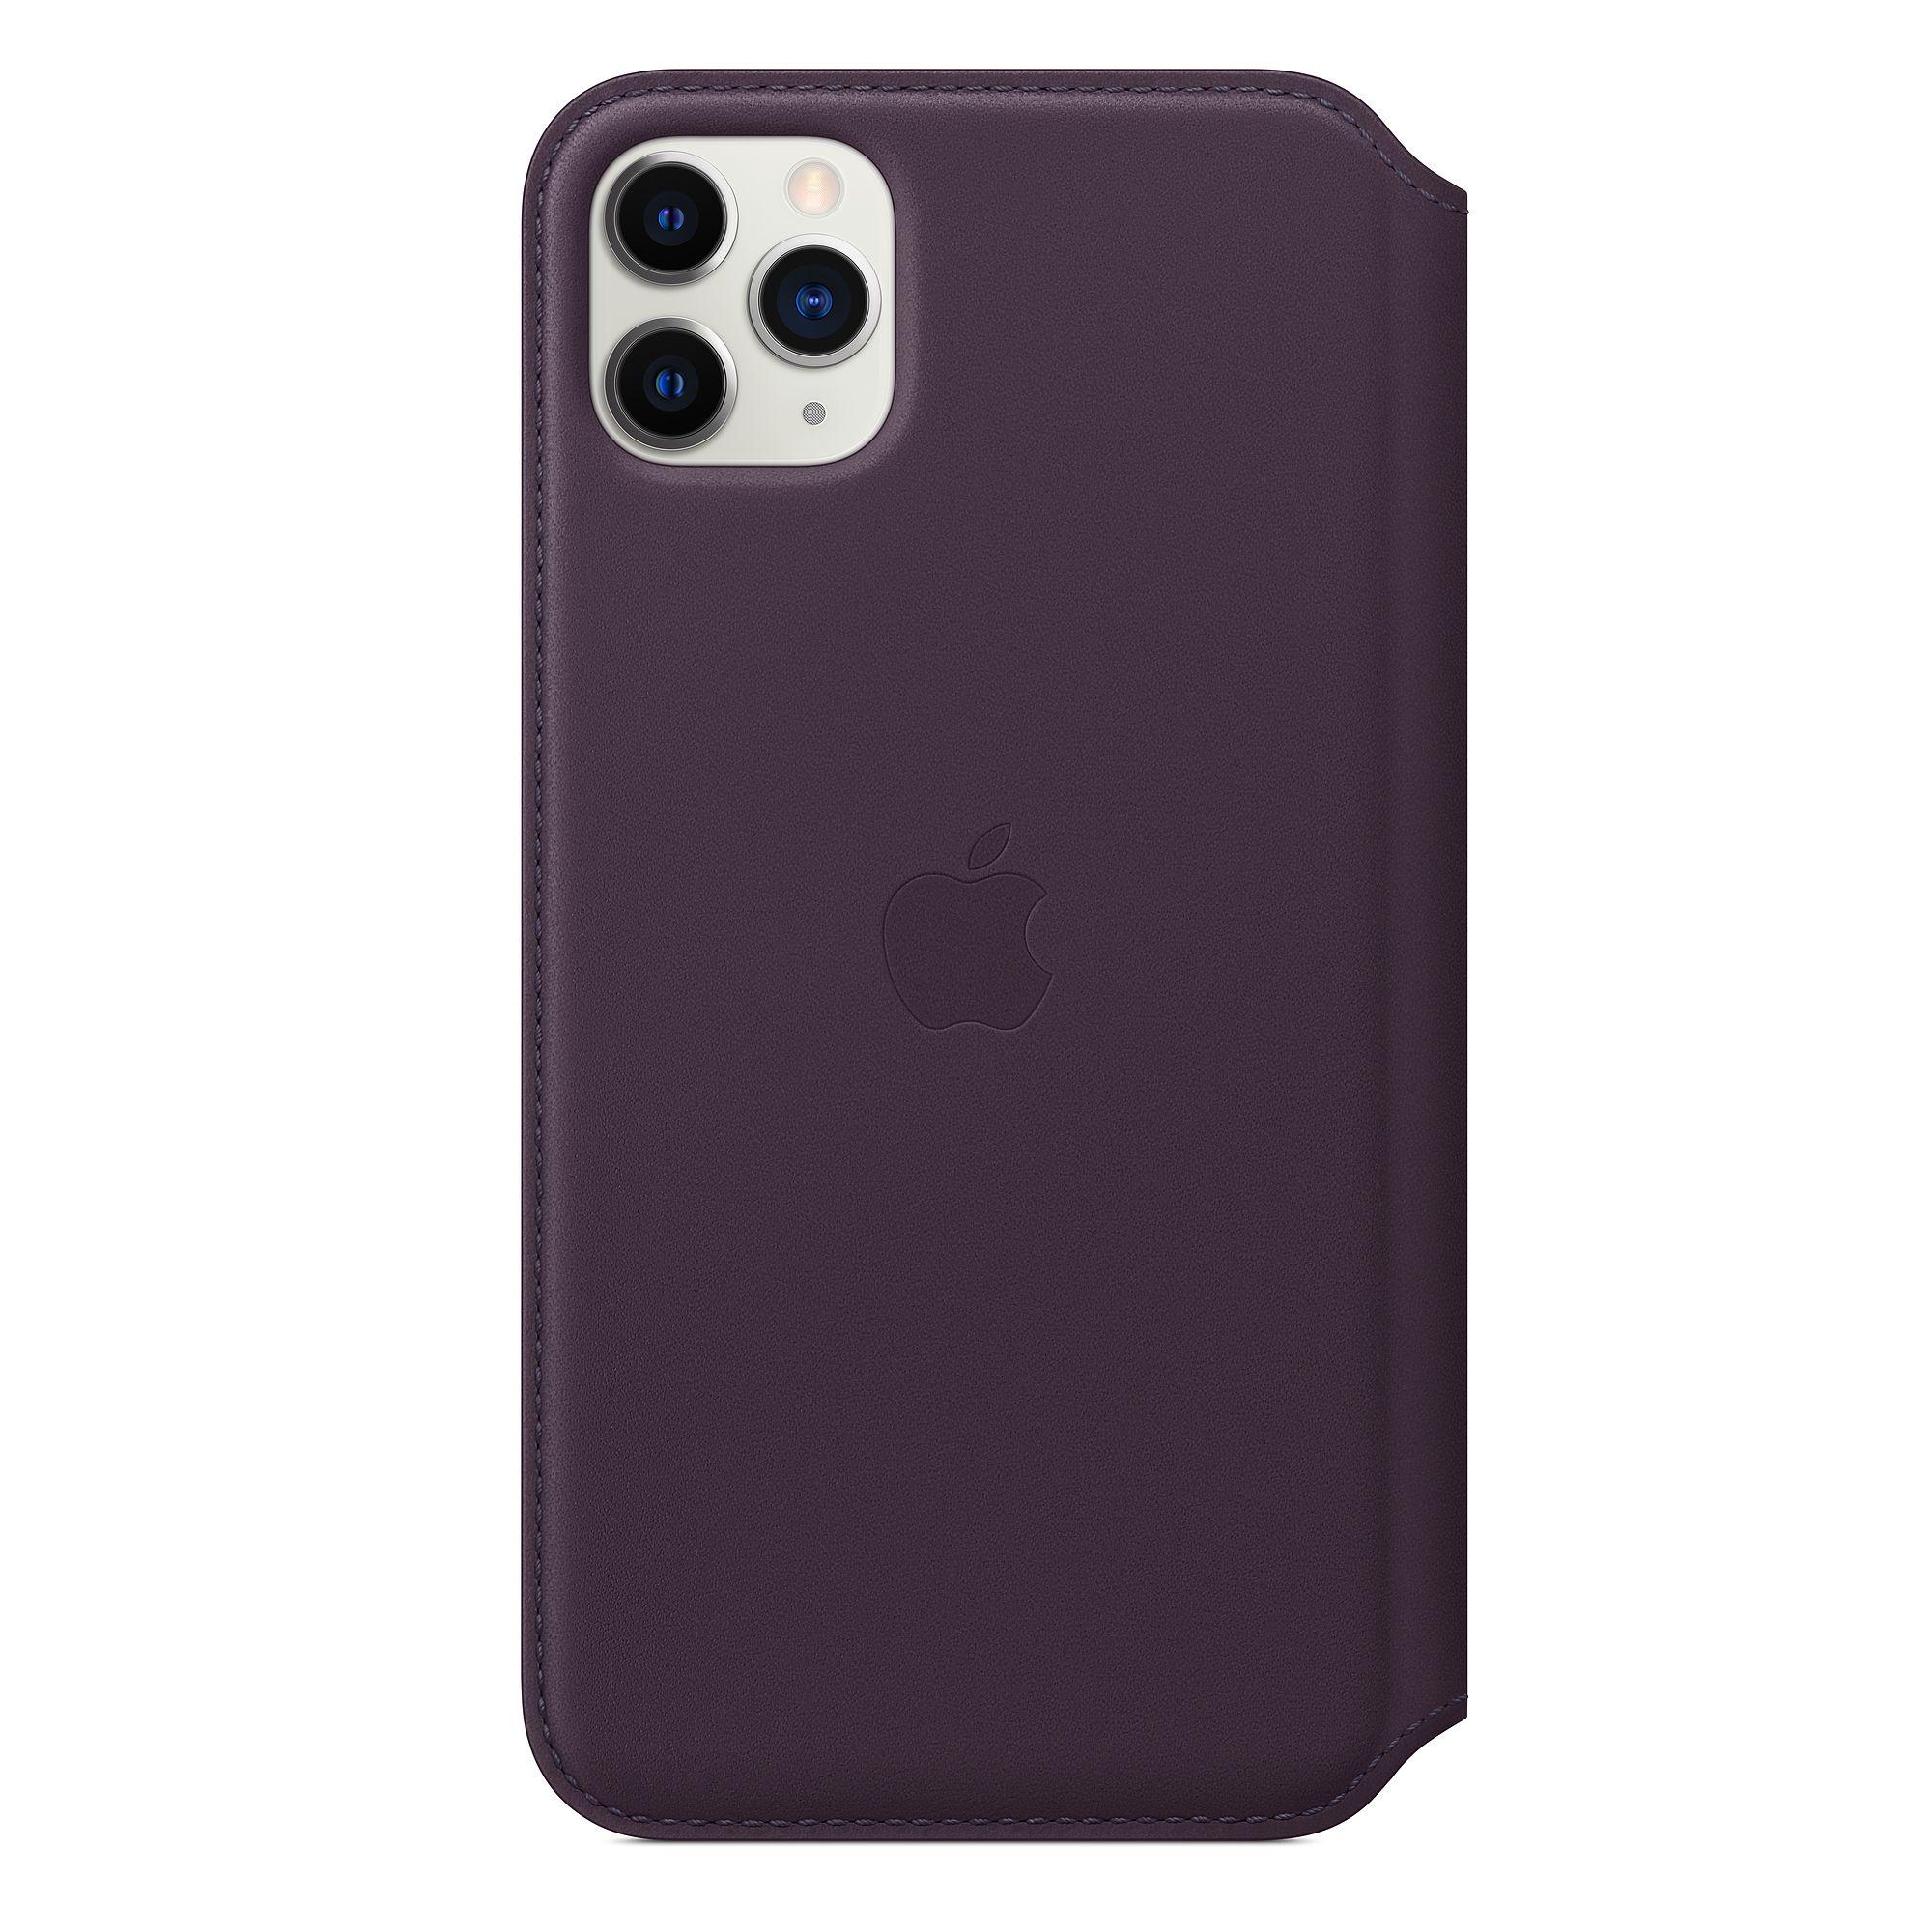 Чехол Apple Leather Folio for iPhone 11 Pro Max Aubergine MX092